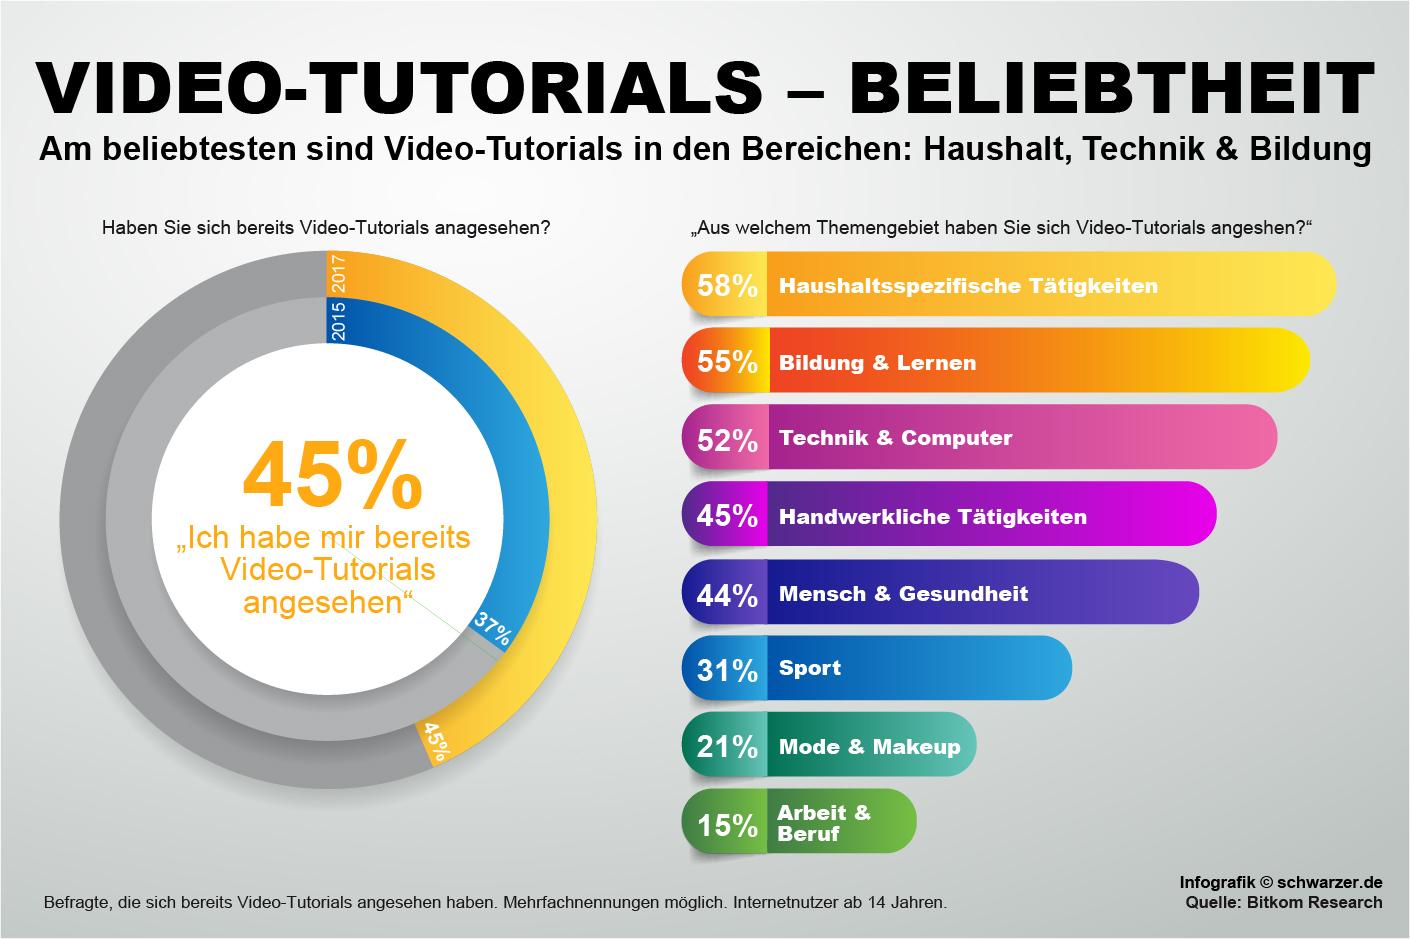 Infografik: Wie viele User schauen sich Video-Turorials im Internet an? Was sind die beliebtesten Video-Turorials Bereiche, die von Usern angesehen werden?